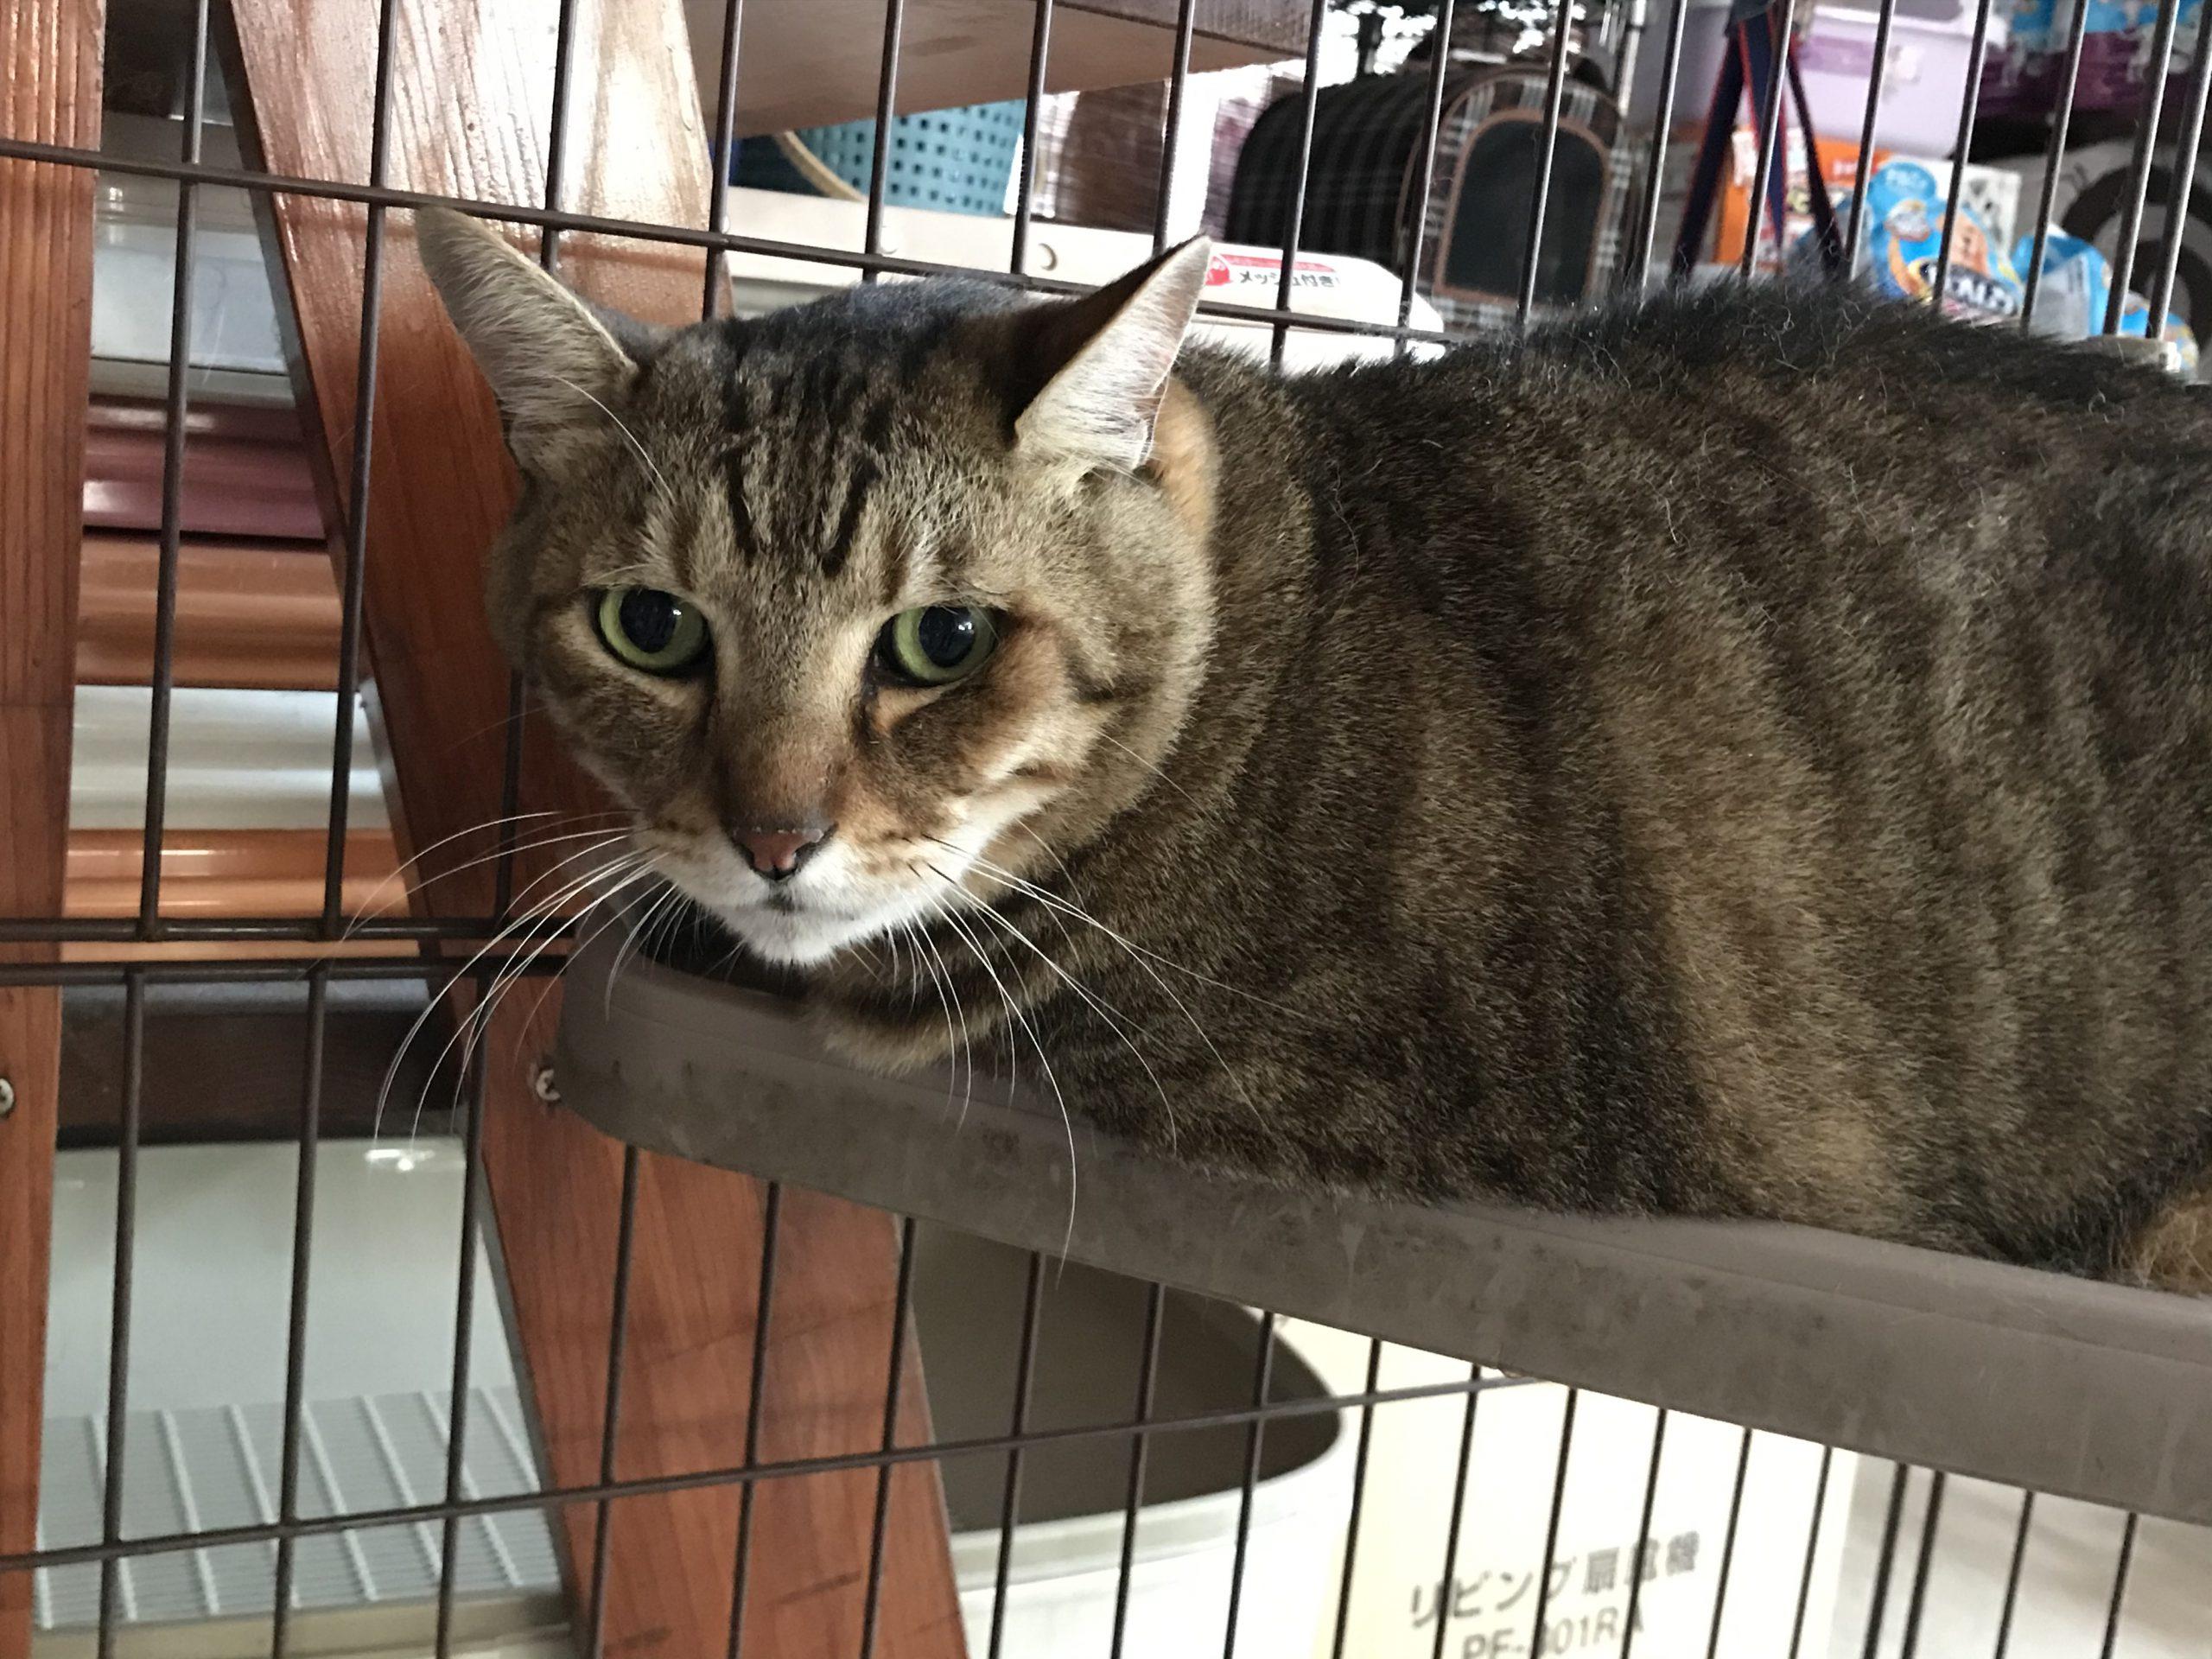 <p></p> <ul> <li>猫種:日本猫  キジトラ</li> <li>性別:男の子</li> <li>名前:凛太郎</li> <li>年齢:2012年3月</li> <li>保護経緯:家族の方がアレルギーのため飼育困難になりました</li> </ul>